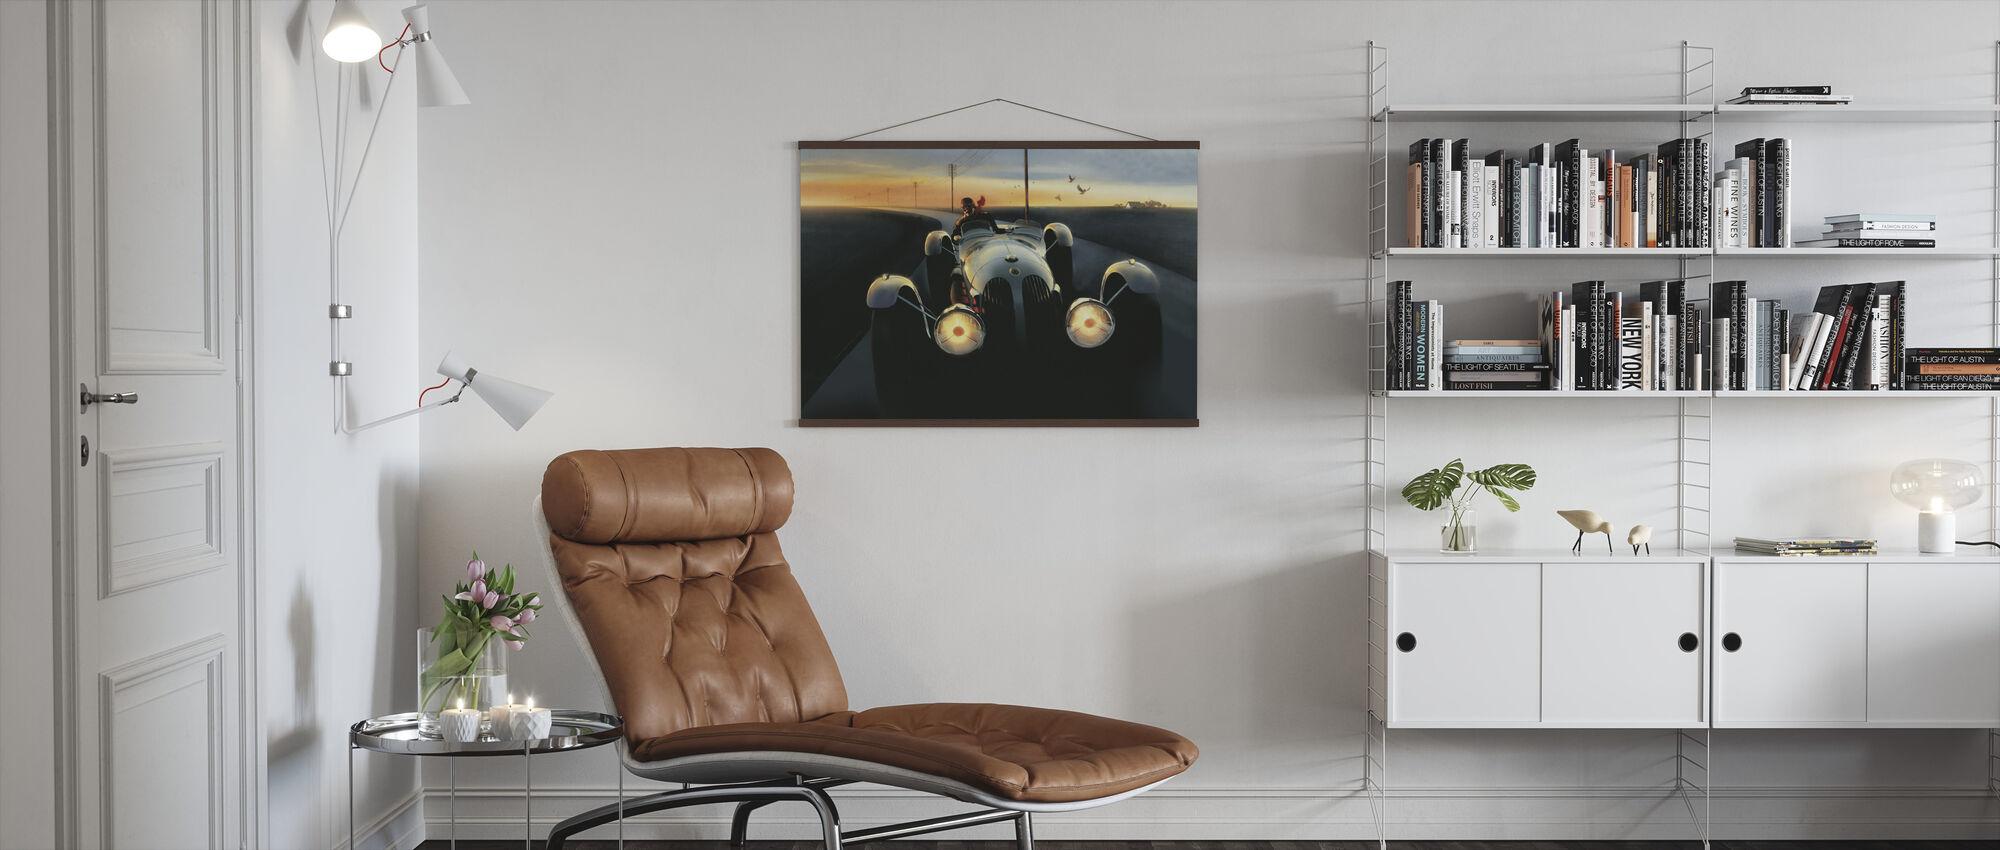 Templars Hirondel - Poster - Living Room